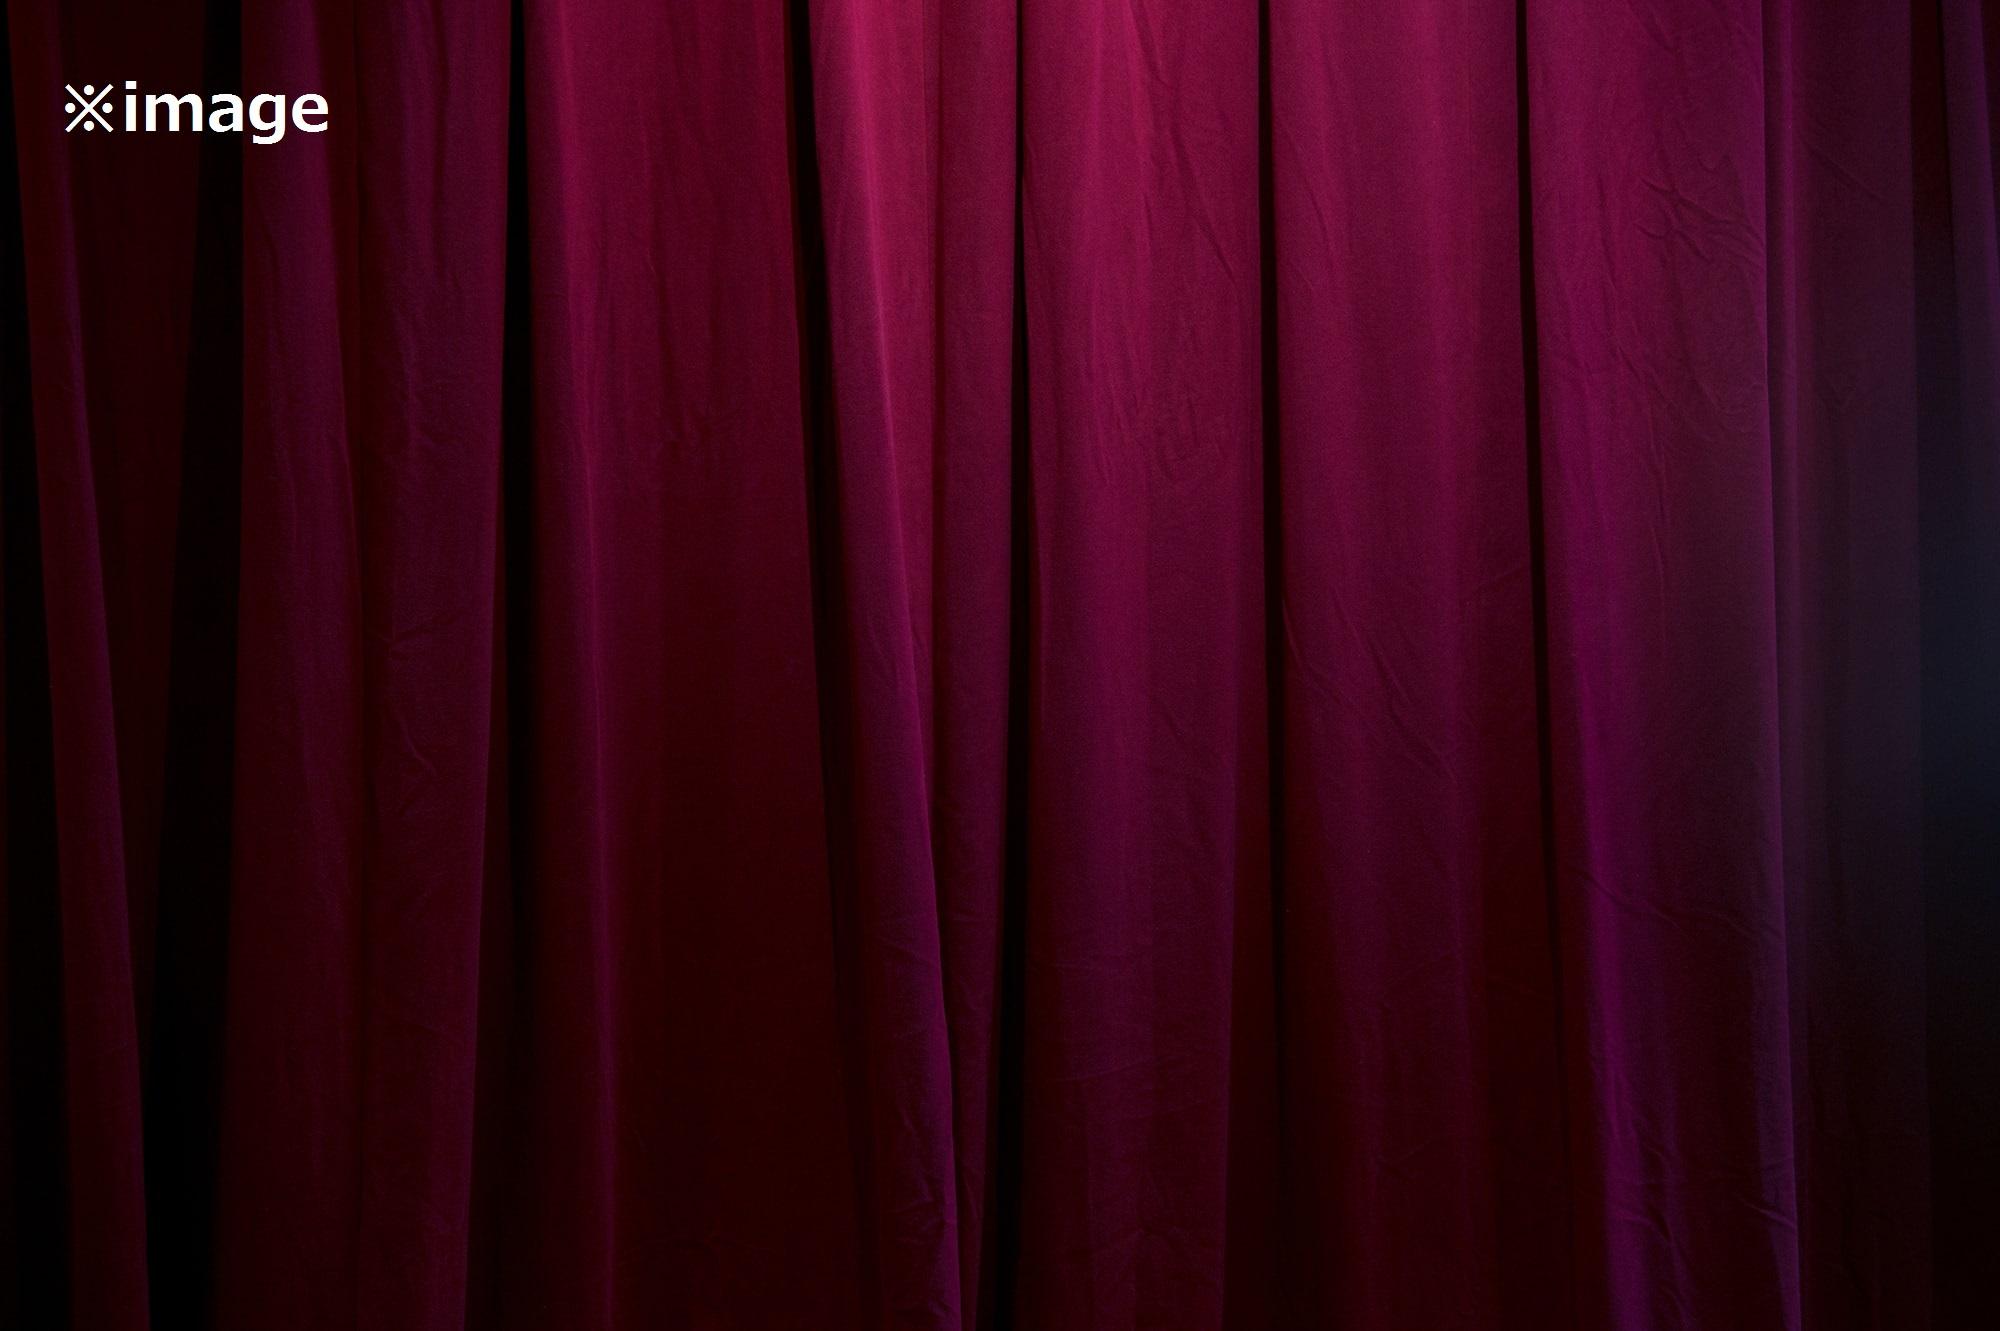 遮光カーテン イメージ